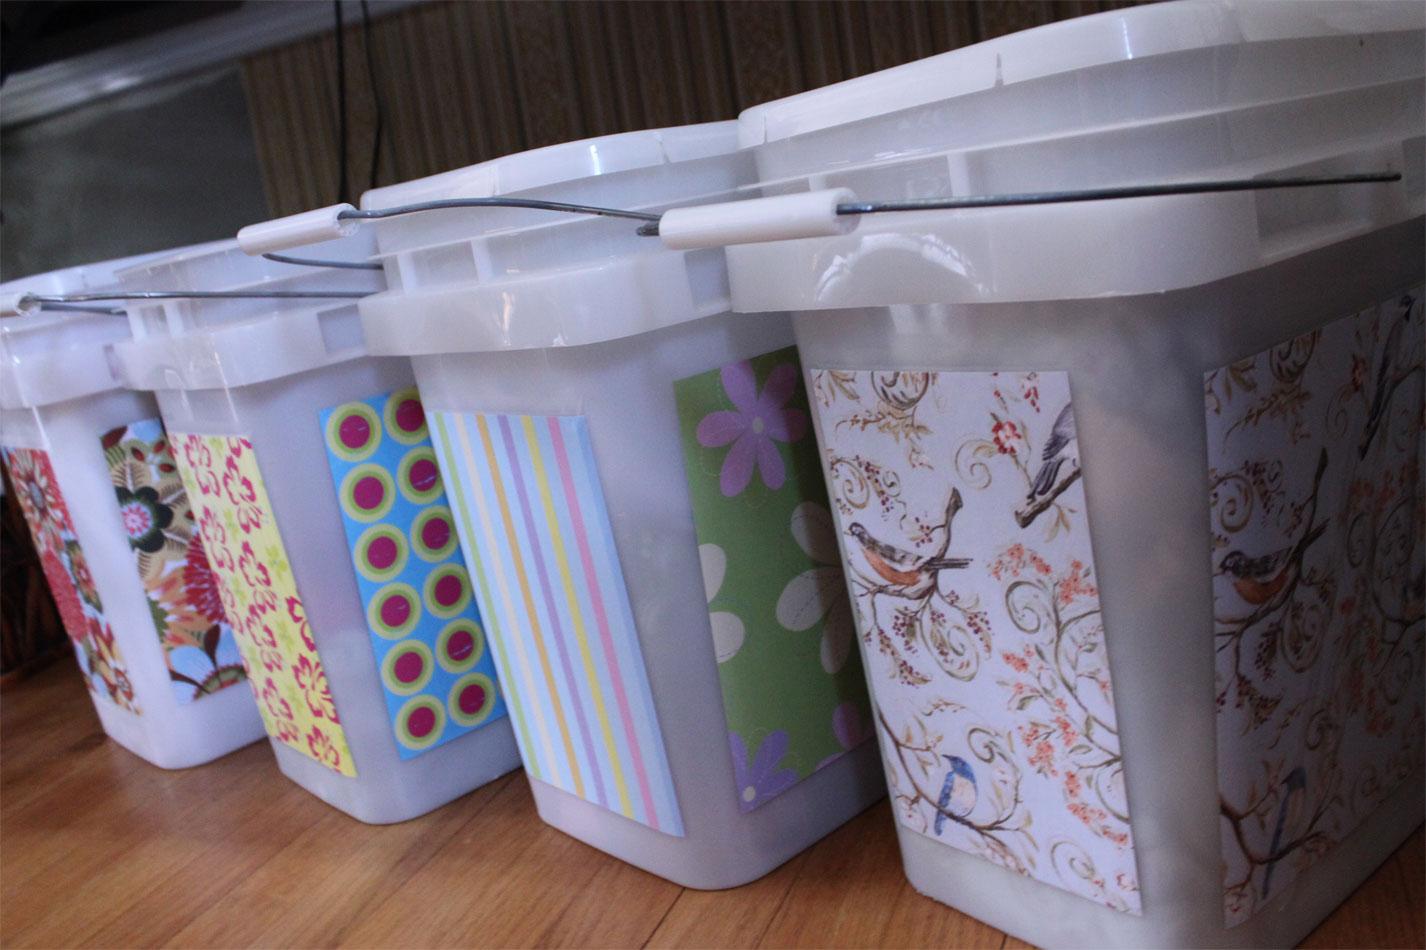 Free cat litter buckets